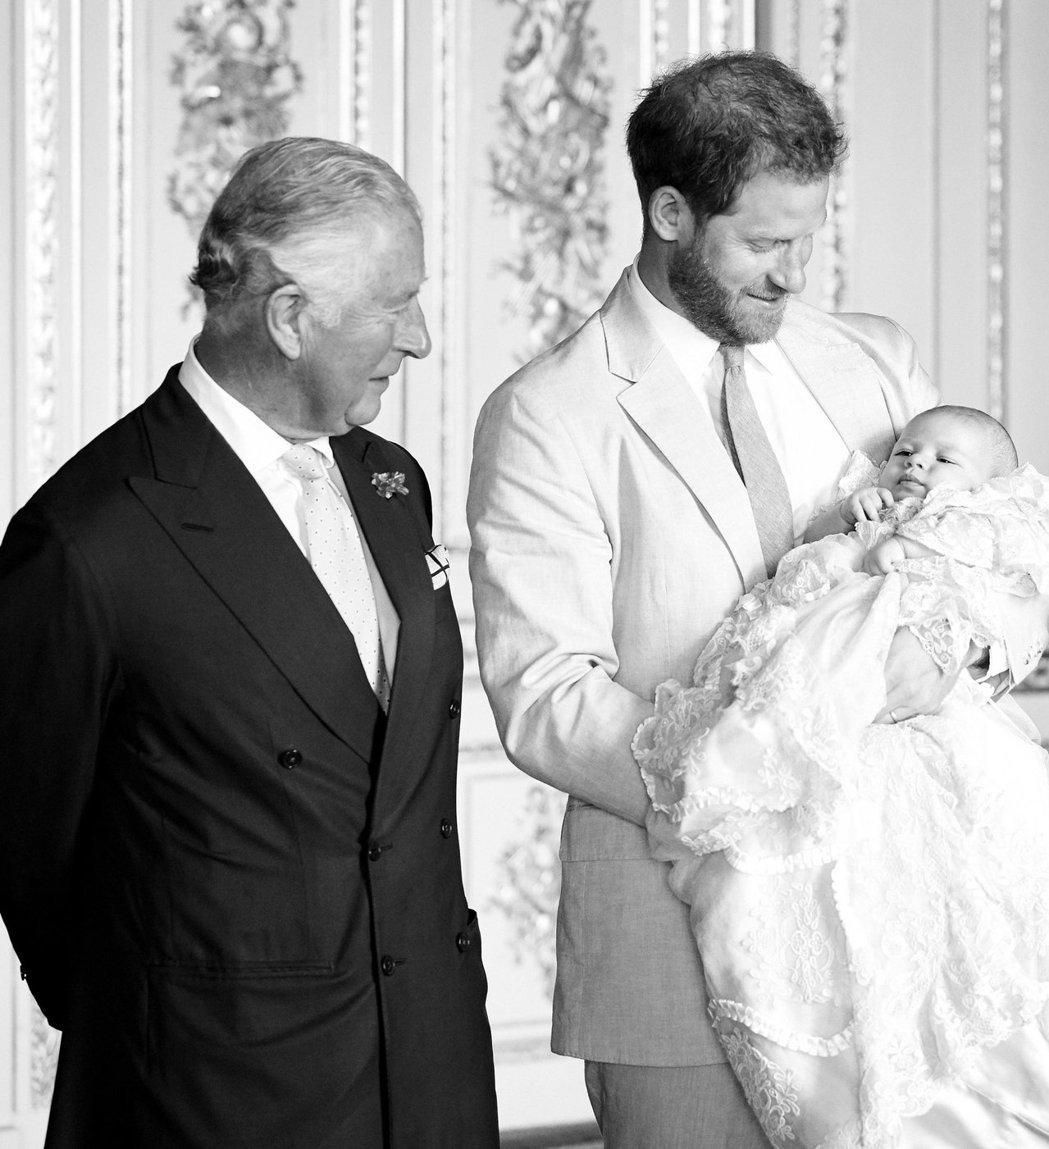 查爾斯王子的社群帳號上有黑白照片,祝福他的孫子亞契生日快樂。圖/摘自Instag...